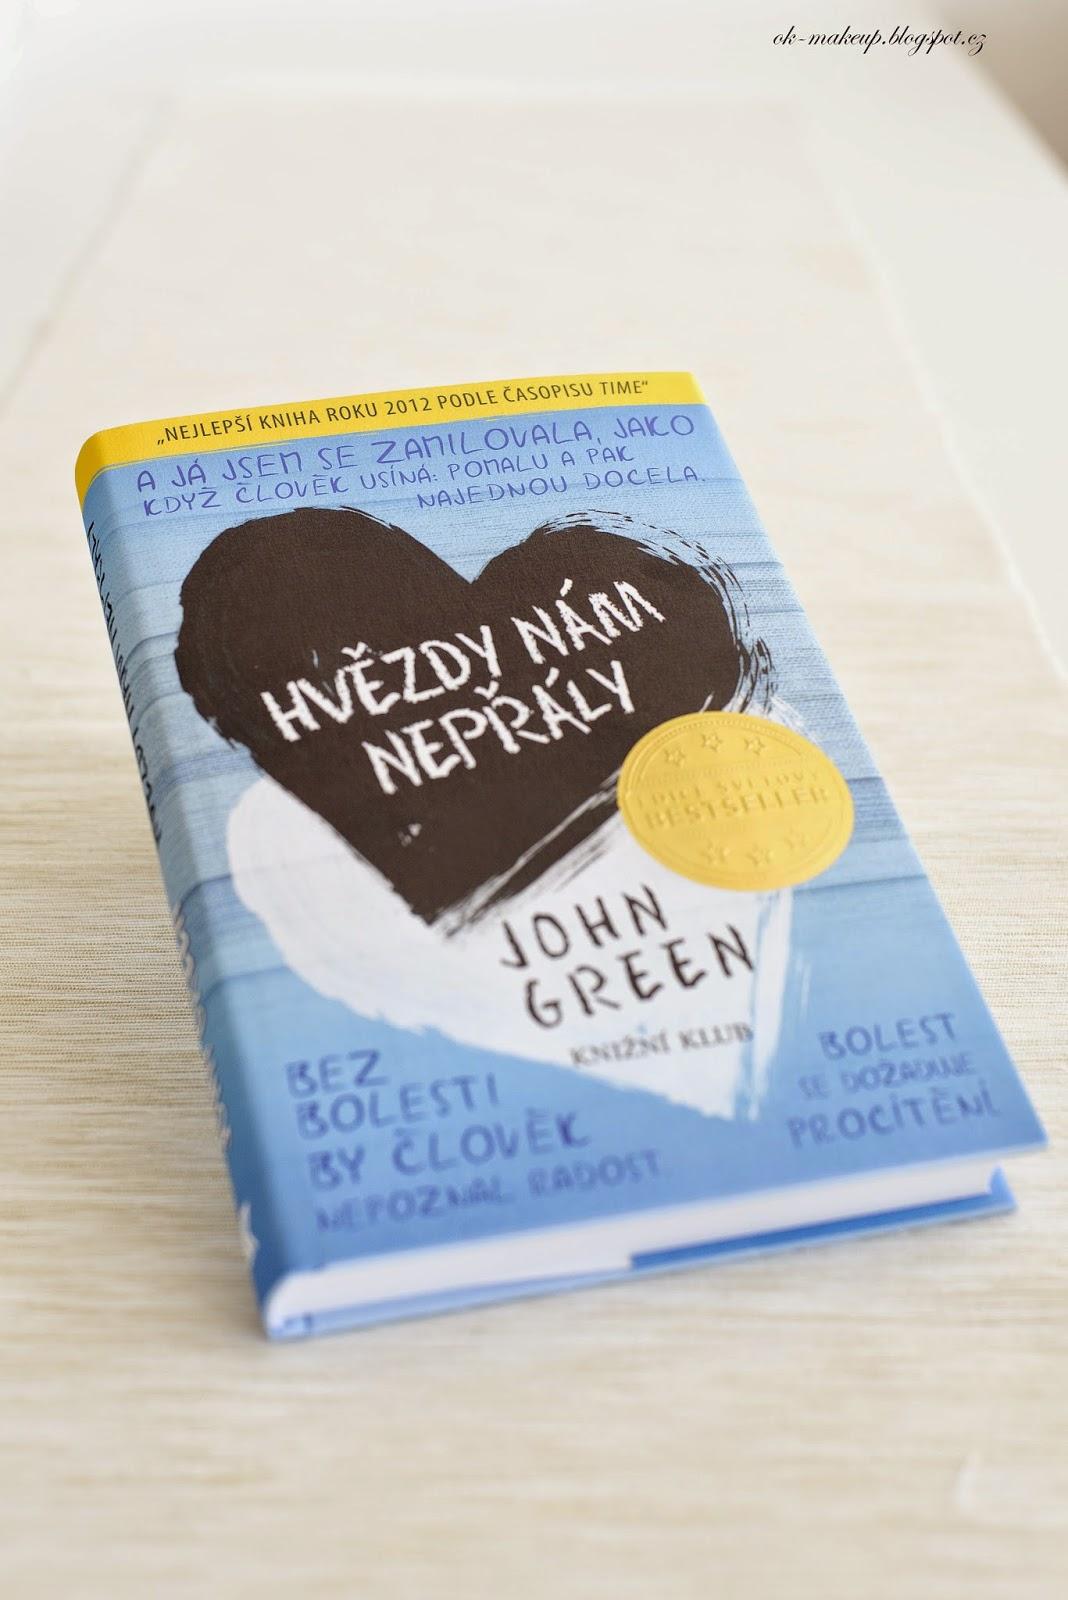 book, hvězdy nám nepřály, john green